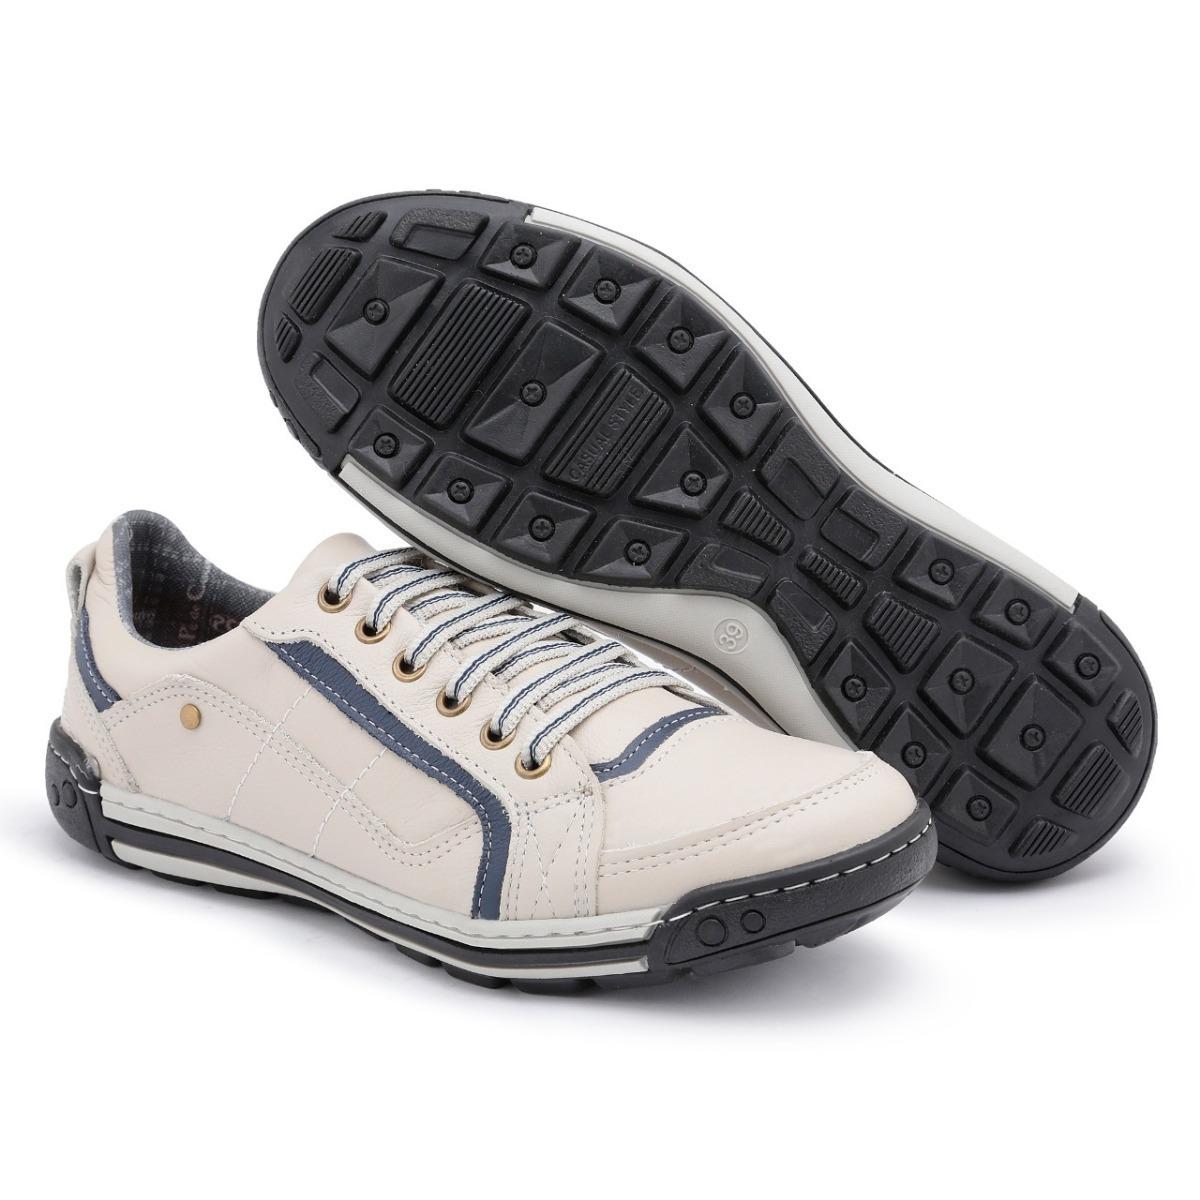 946e3acc07 Tênis Sapatenis Masculino Urbano Confortável Em Couro Forte - R$ 134,50 em  Mercado Livre